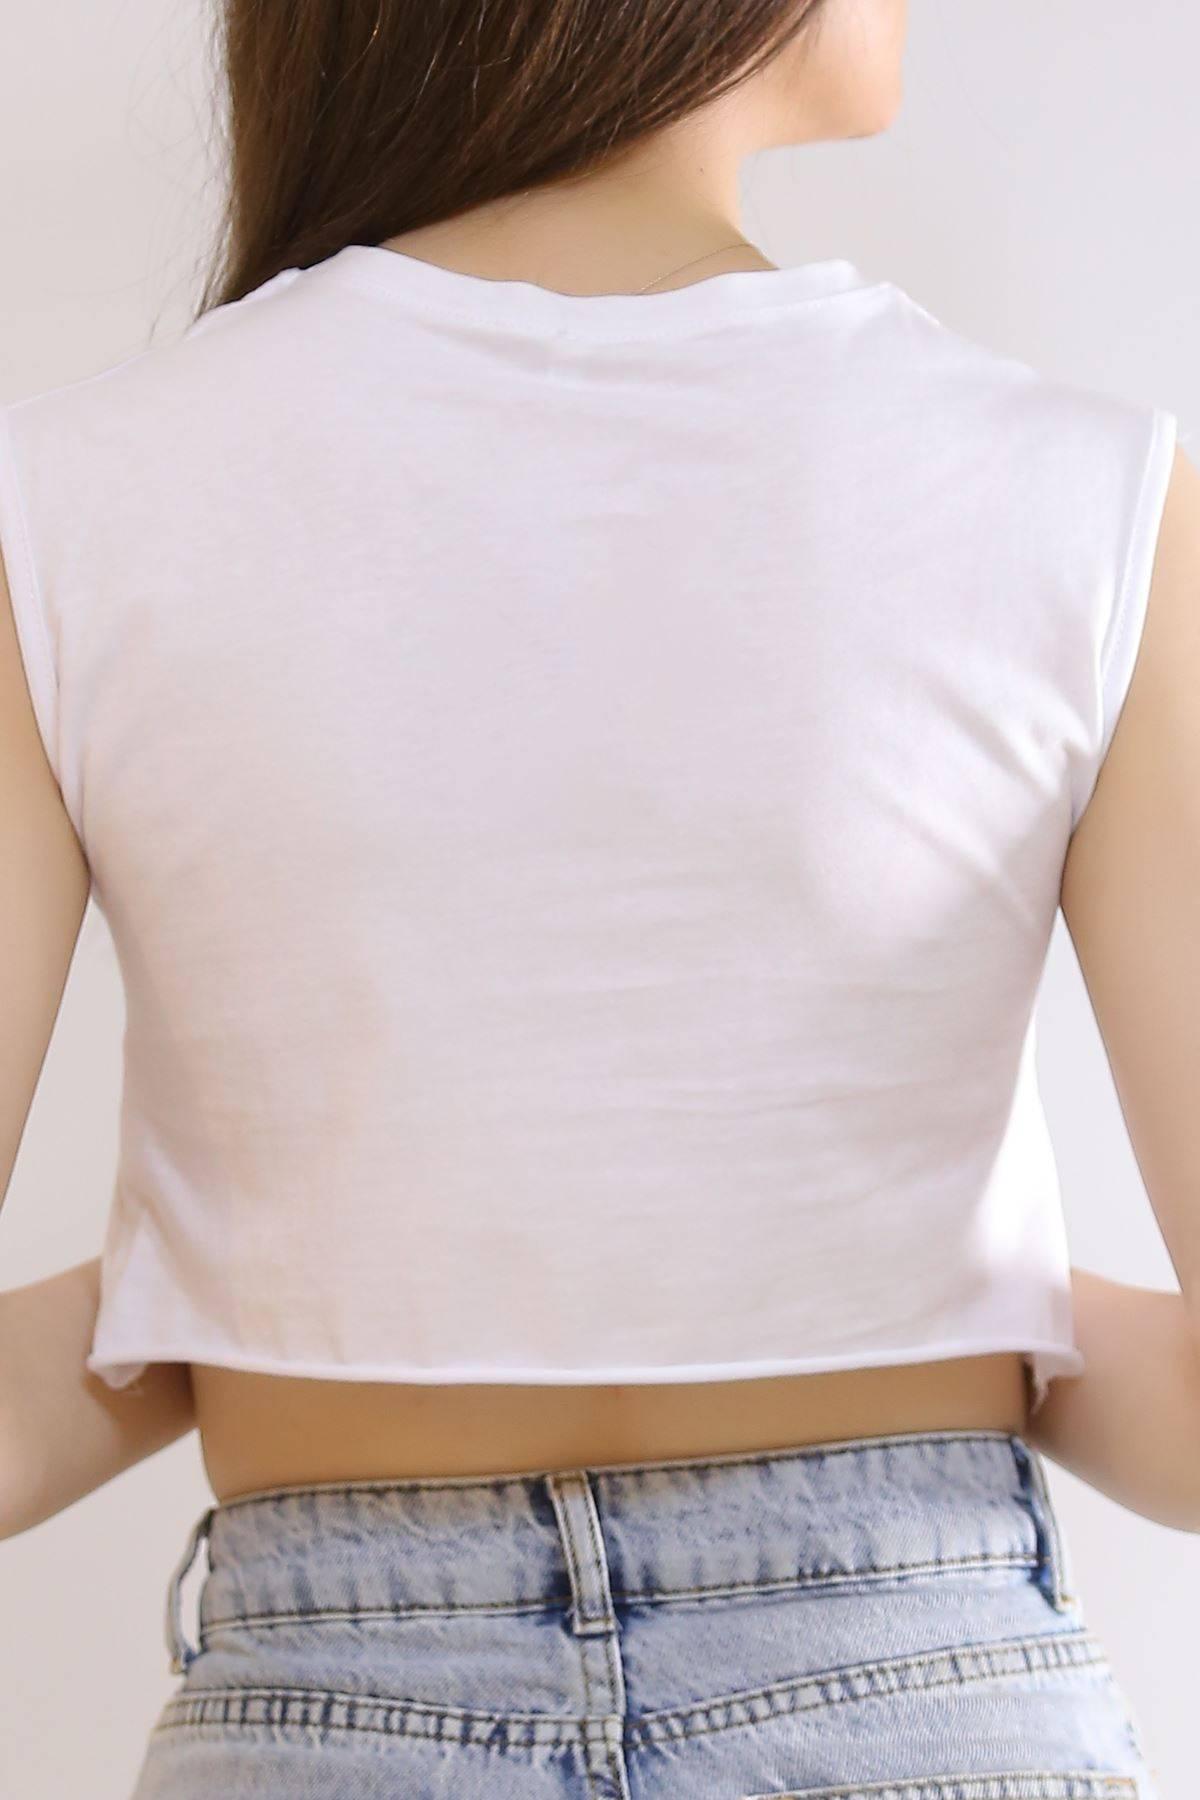 Sıfır Kol Crop Tişört Beyaz - 6077.1247.